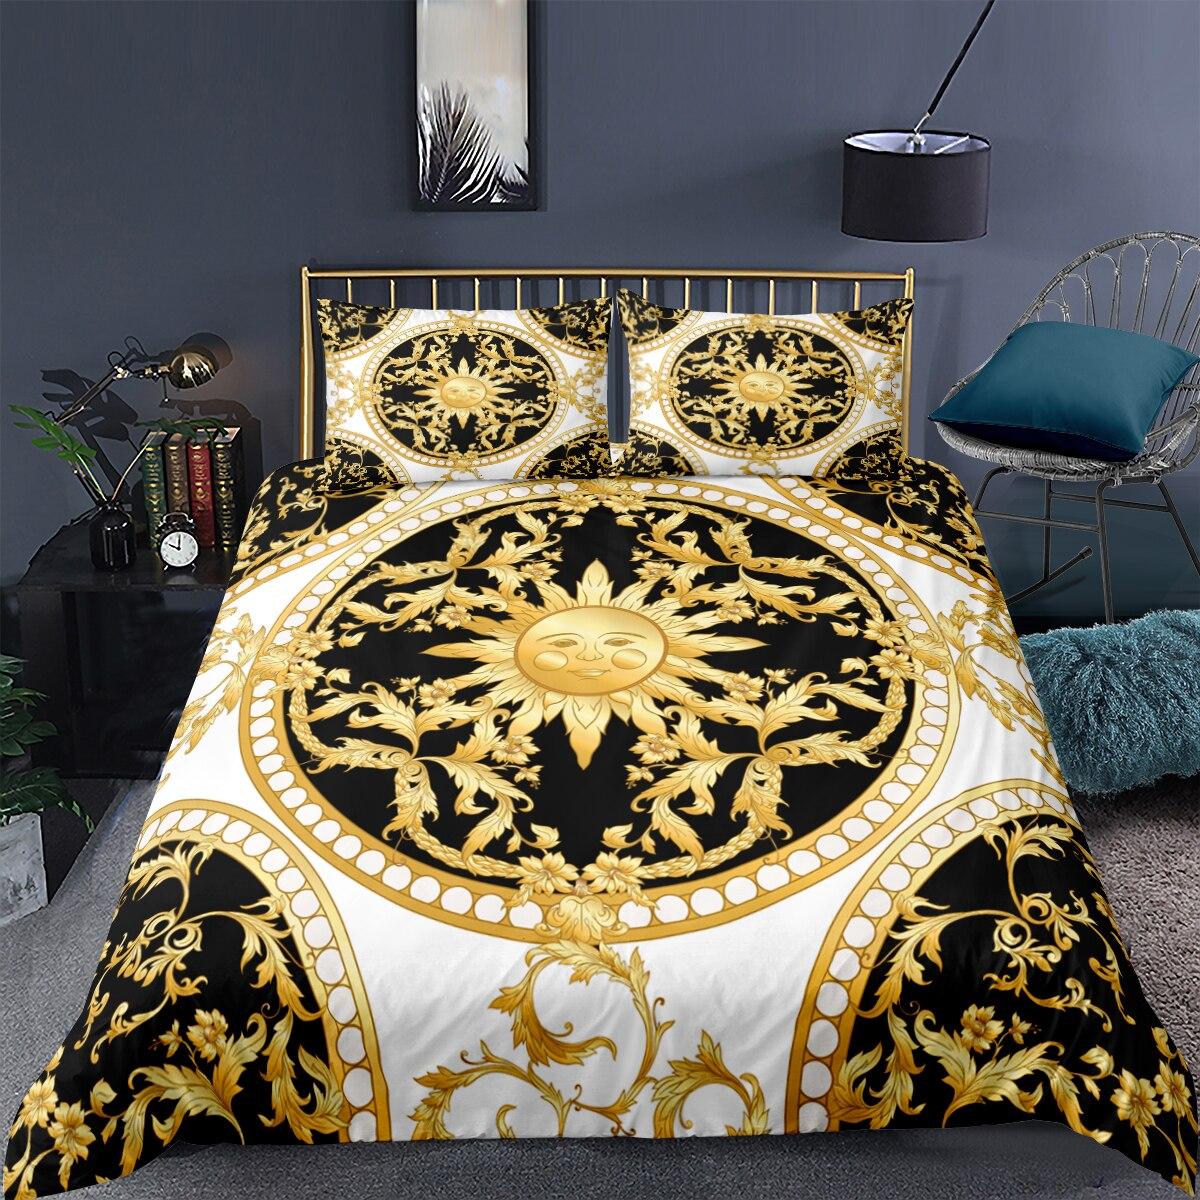 الذهبي ماندالا طقم سرير حاف الغطاء الذهبي البوهيمي المفارش أطقم سرير